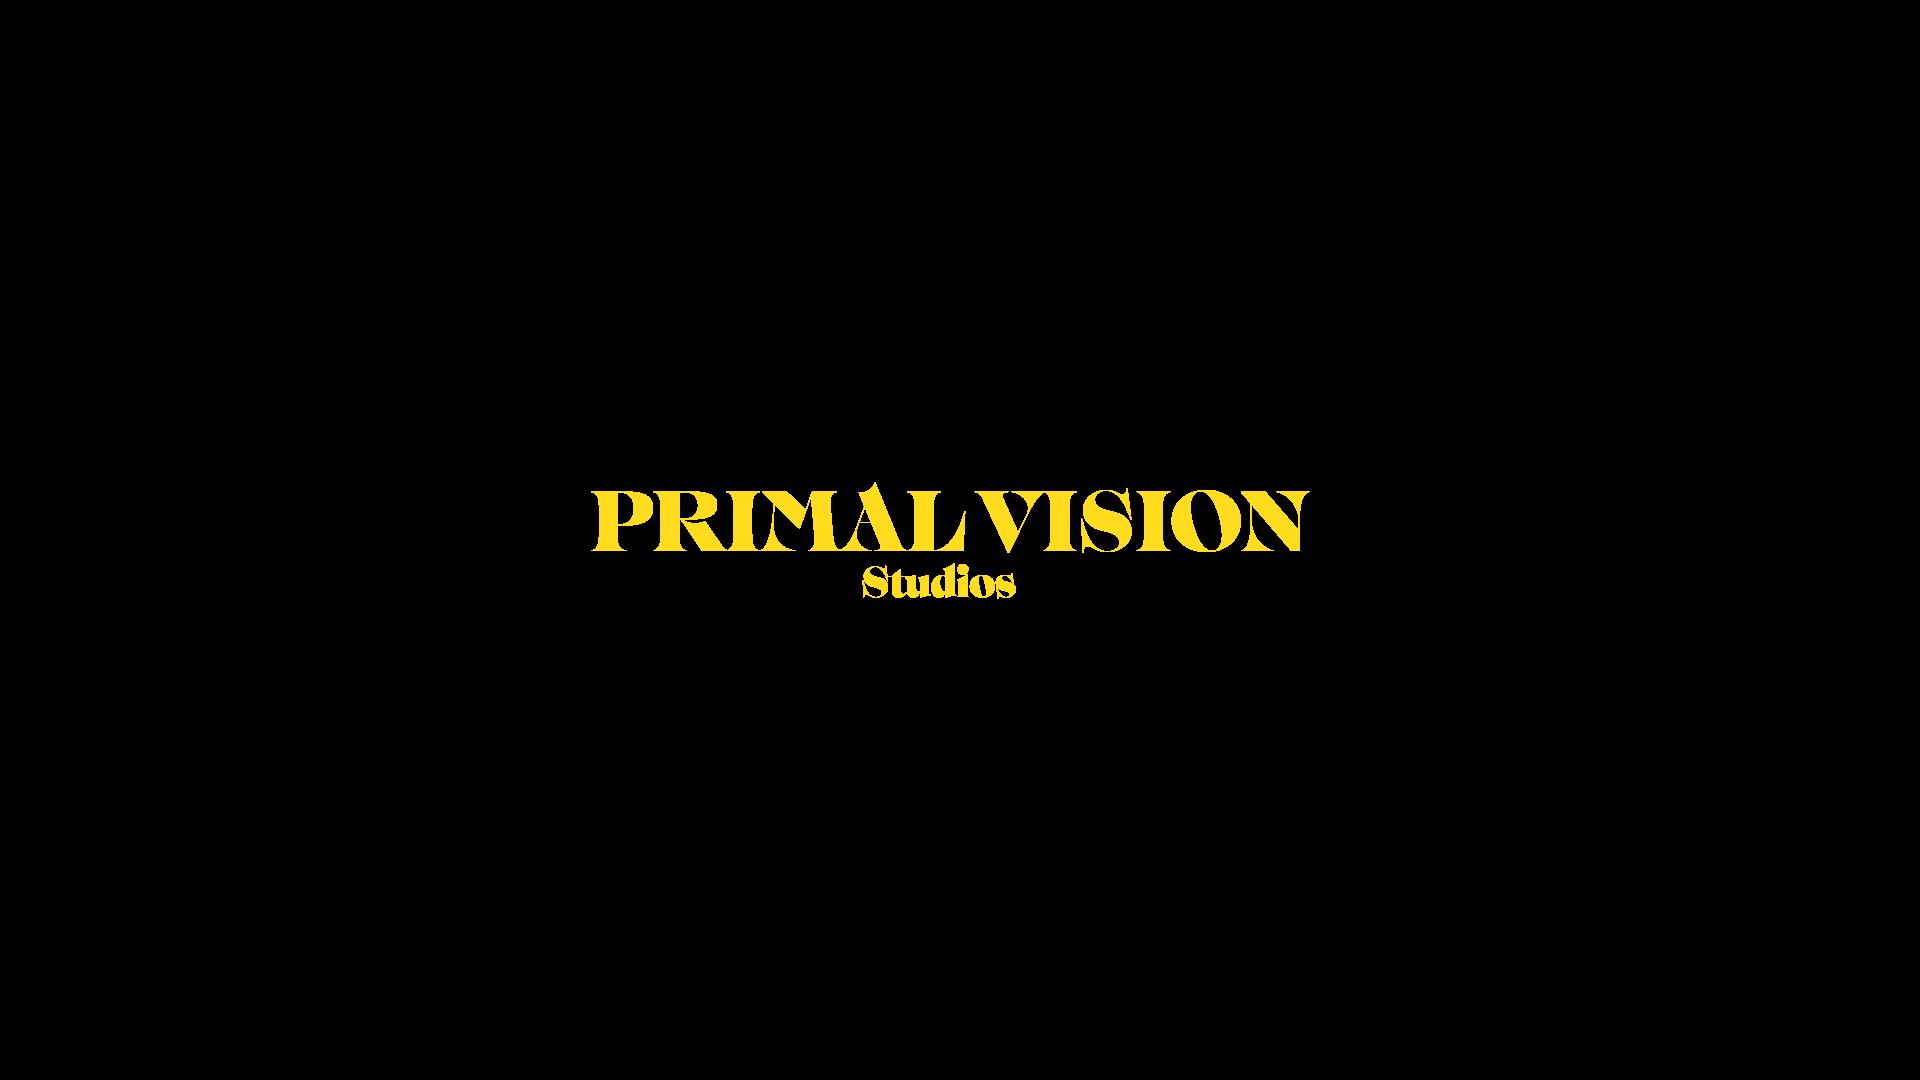 Primal Vision Studios